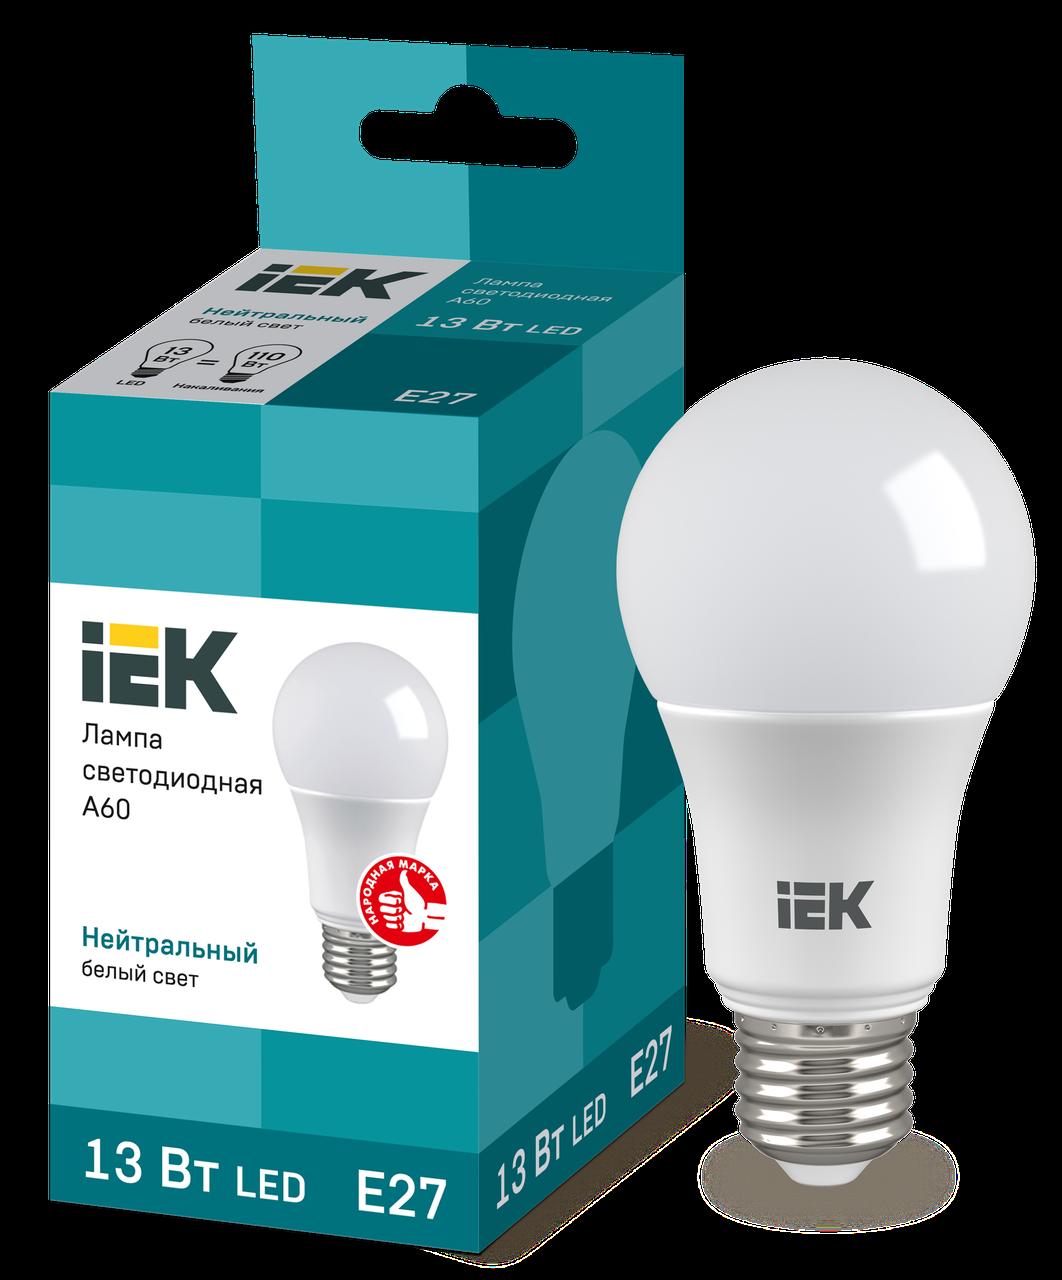 Лампа светодиодная ECO A60 шар 13Вт 230В 4000К E27 IEK